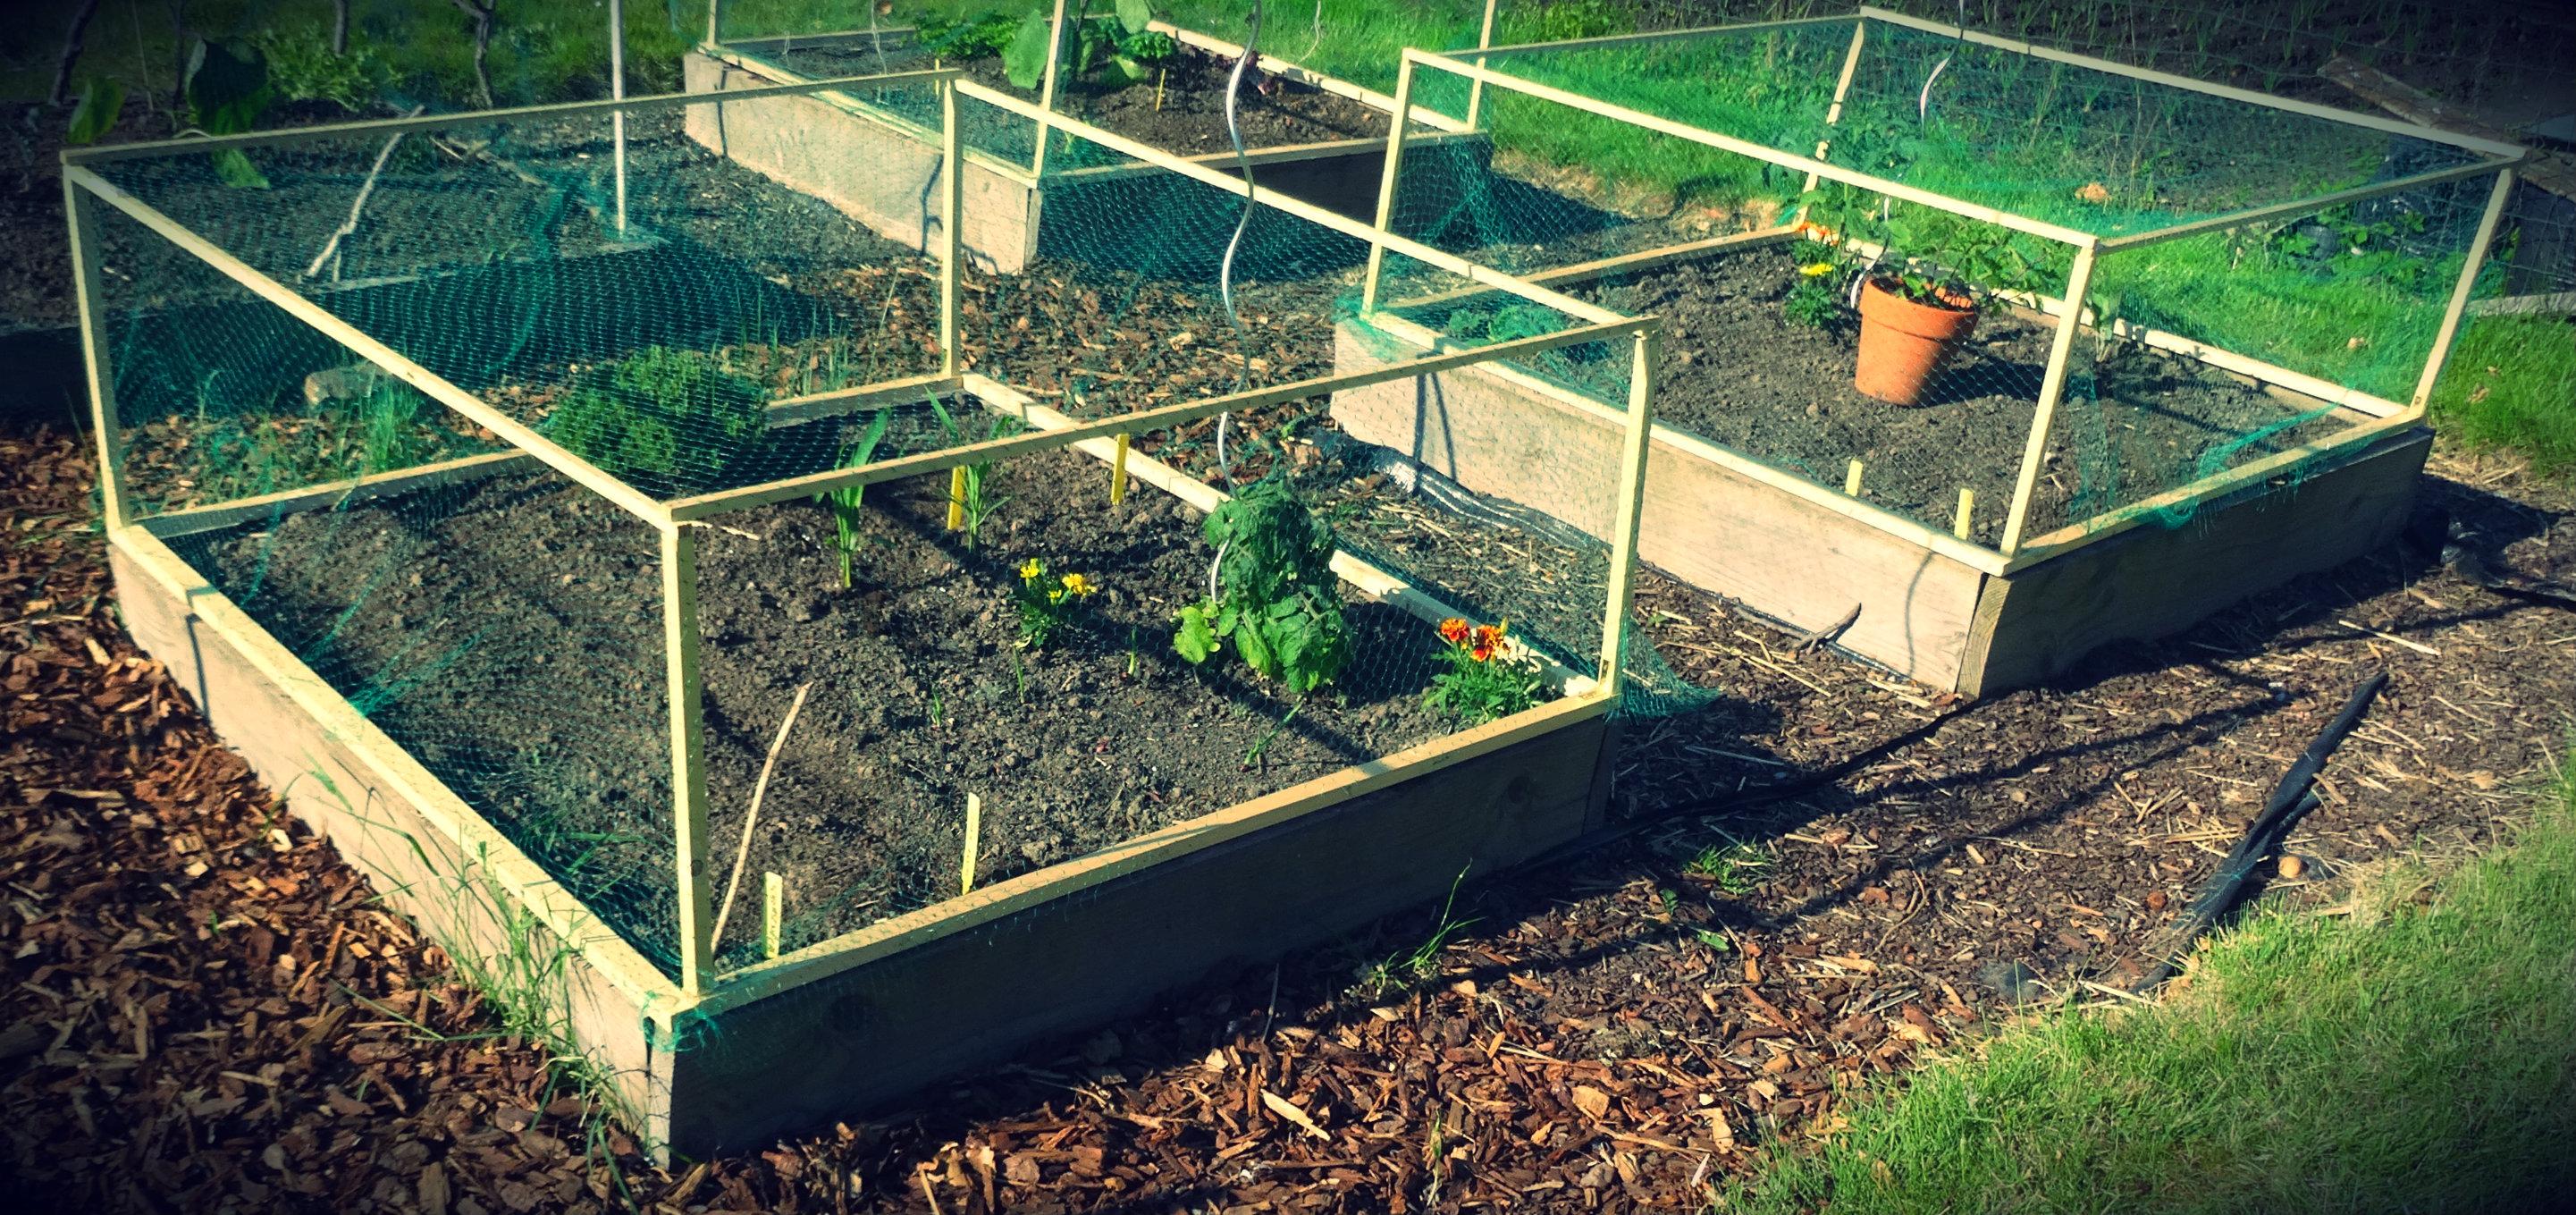 Huis tuin sheena blogt for Groenten tuin